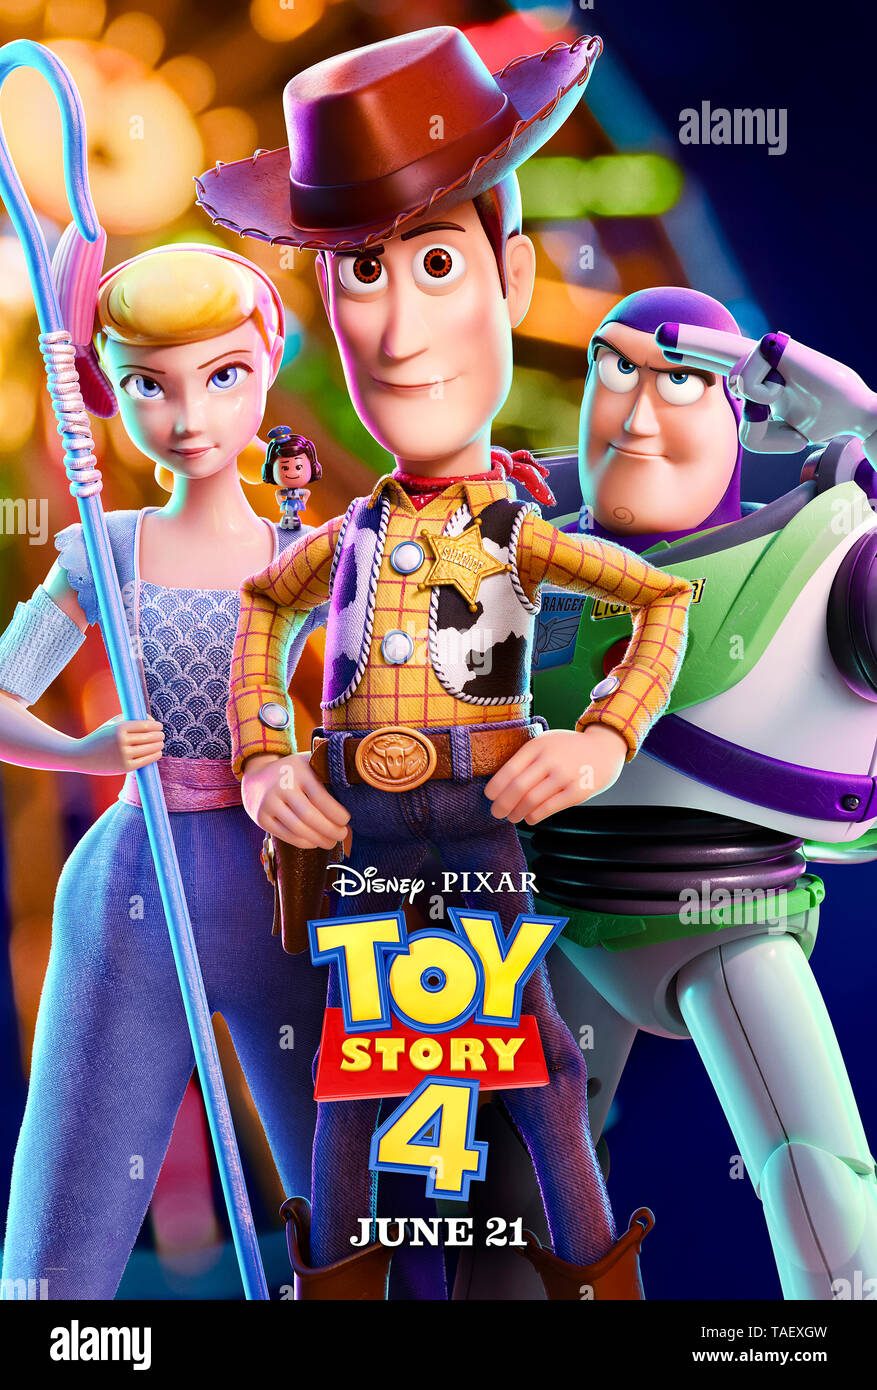 Toy Story 4 (2019) réalisé par Josh Cooley et mettant en vedette Keanu Reeves, Christina Hendricks, Tom Hanks et Tim Allen. Les jouets sont rejoints par une nouvelle arrivée et entreprendre un voyage sur la route. Banque D'Images